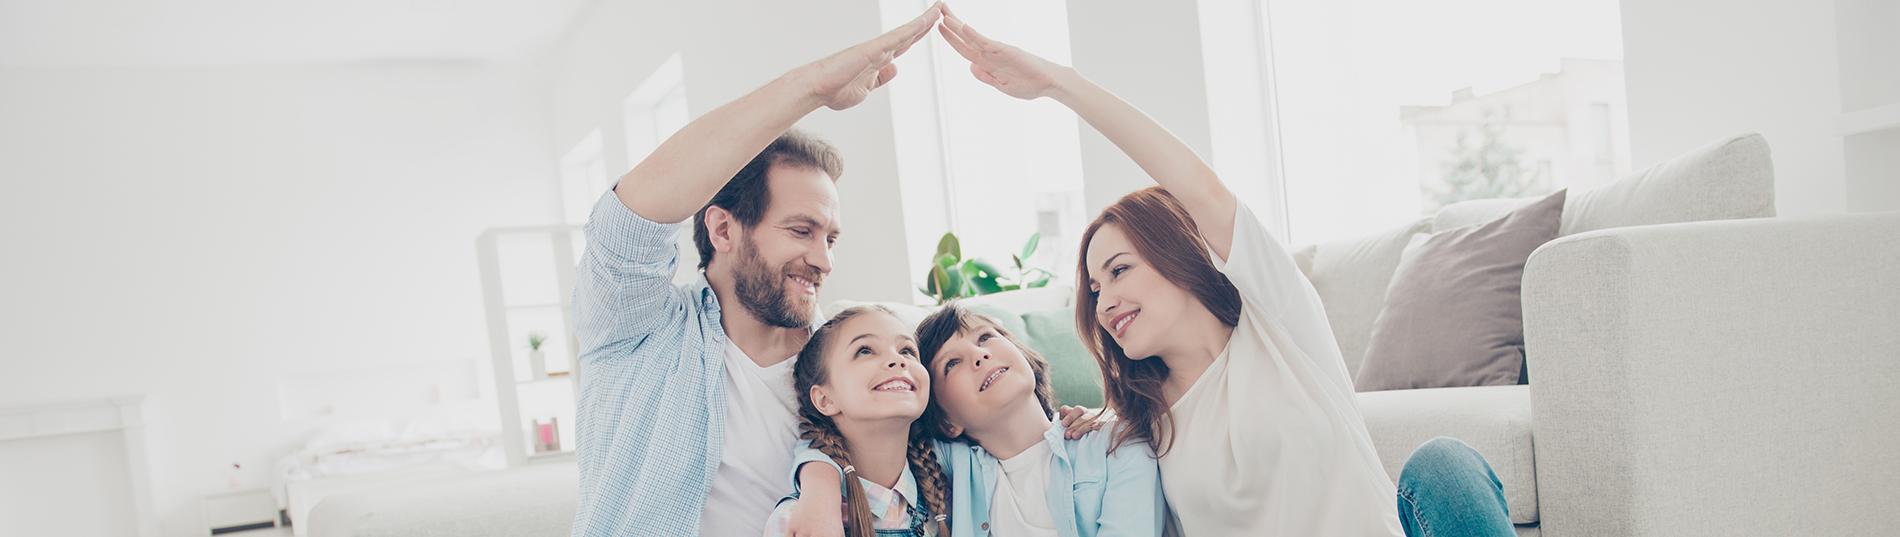 Souscrire une assurance habitation en ligne